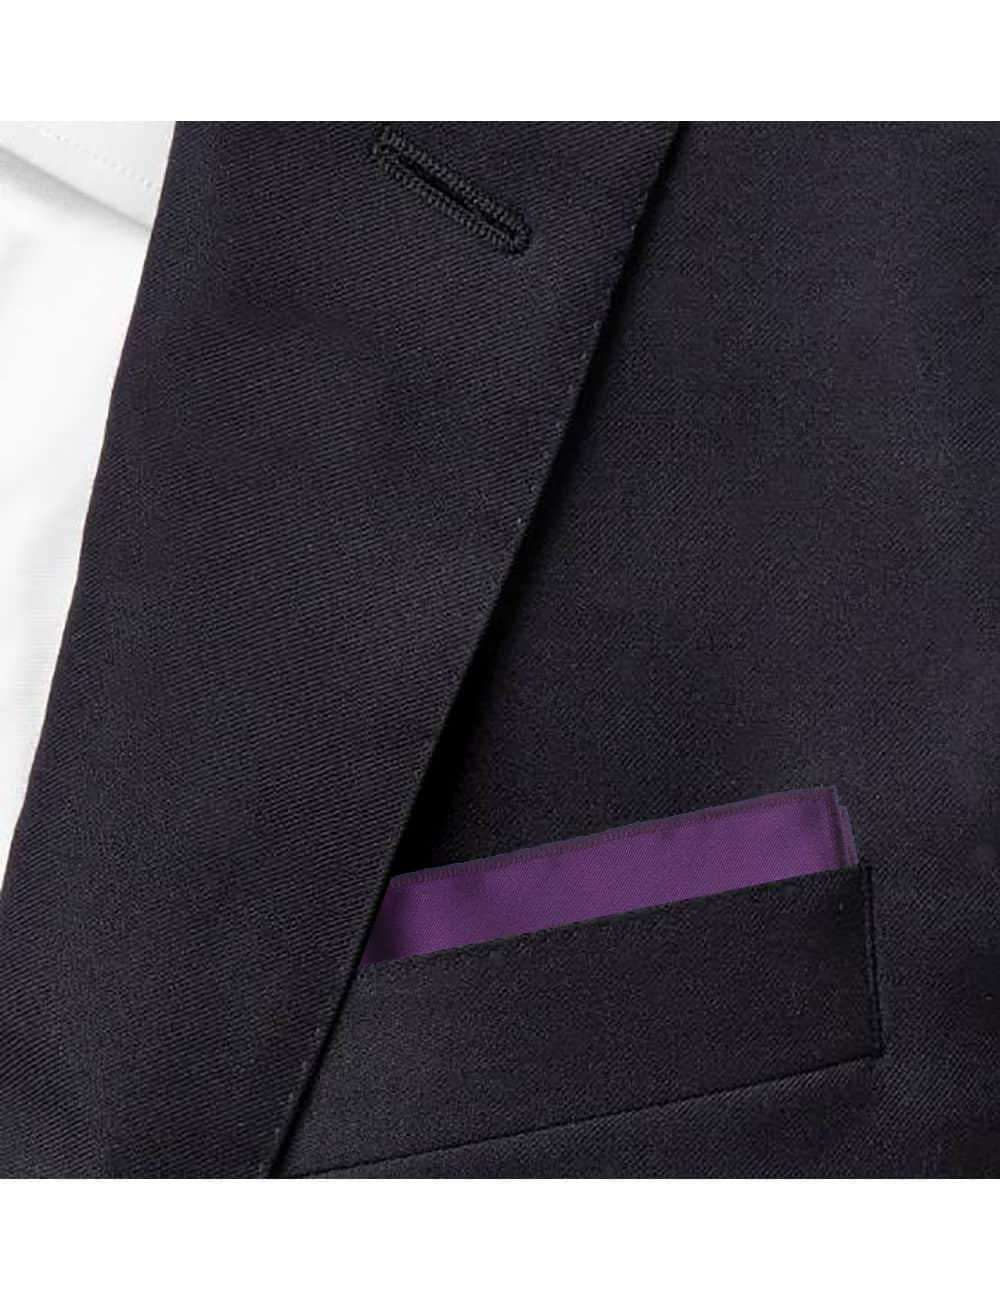 Solid Purple Grape Woven Pocket Square PSQ25.9